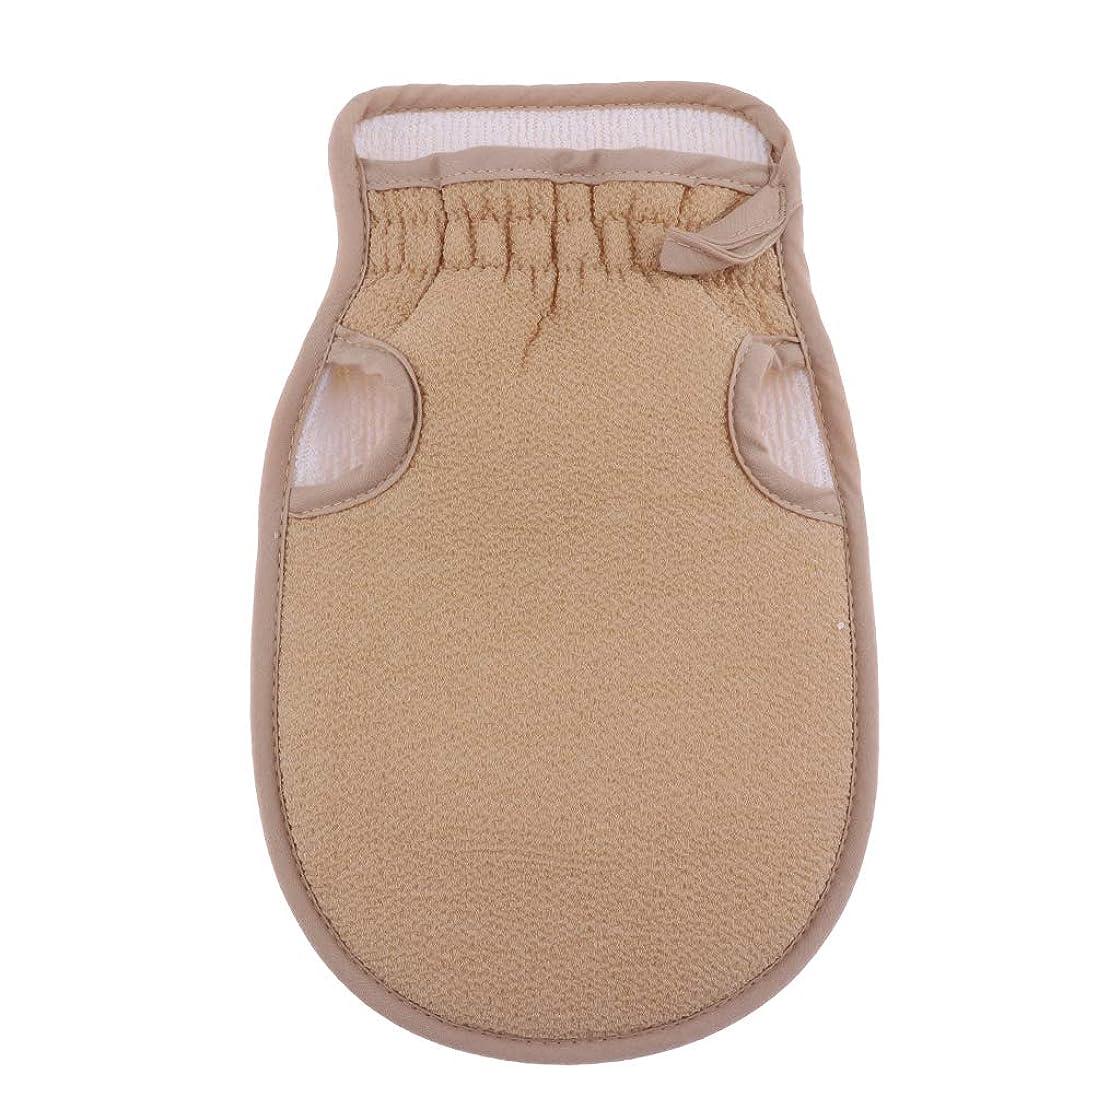 元に戻す複数鋼P Prettyia 浴用手袋 ボディタオル 垢すり手袋 バス用品 両面デザイン 毛穴清潔 角質除去 全4色 - ベージュ